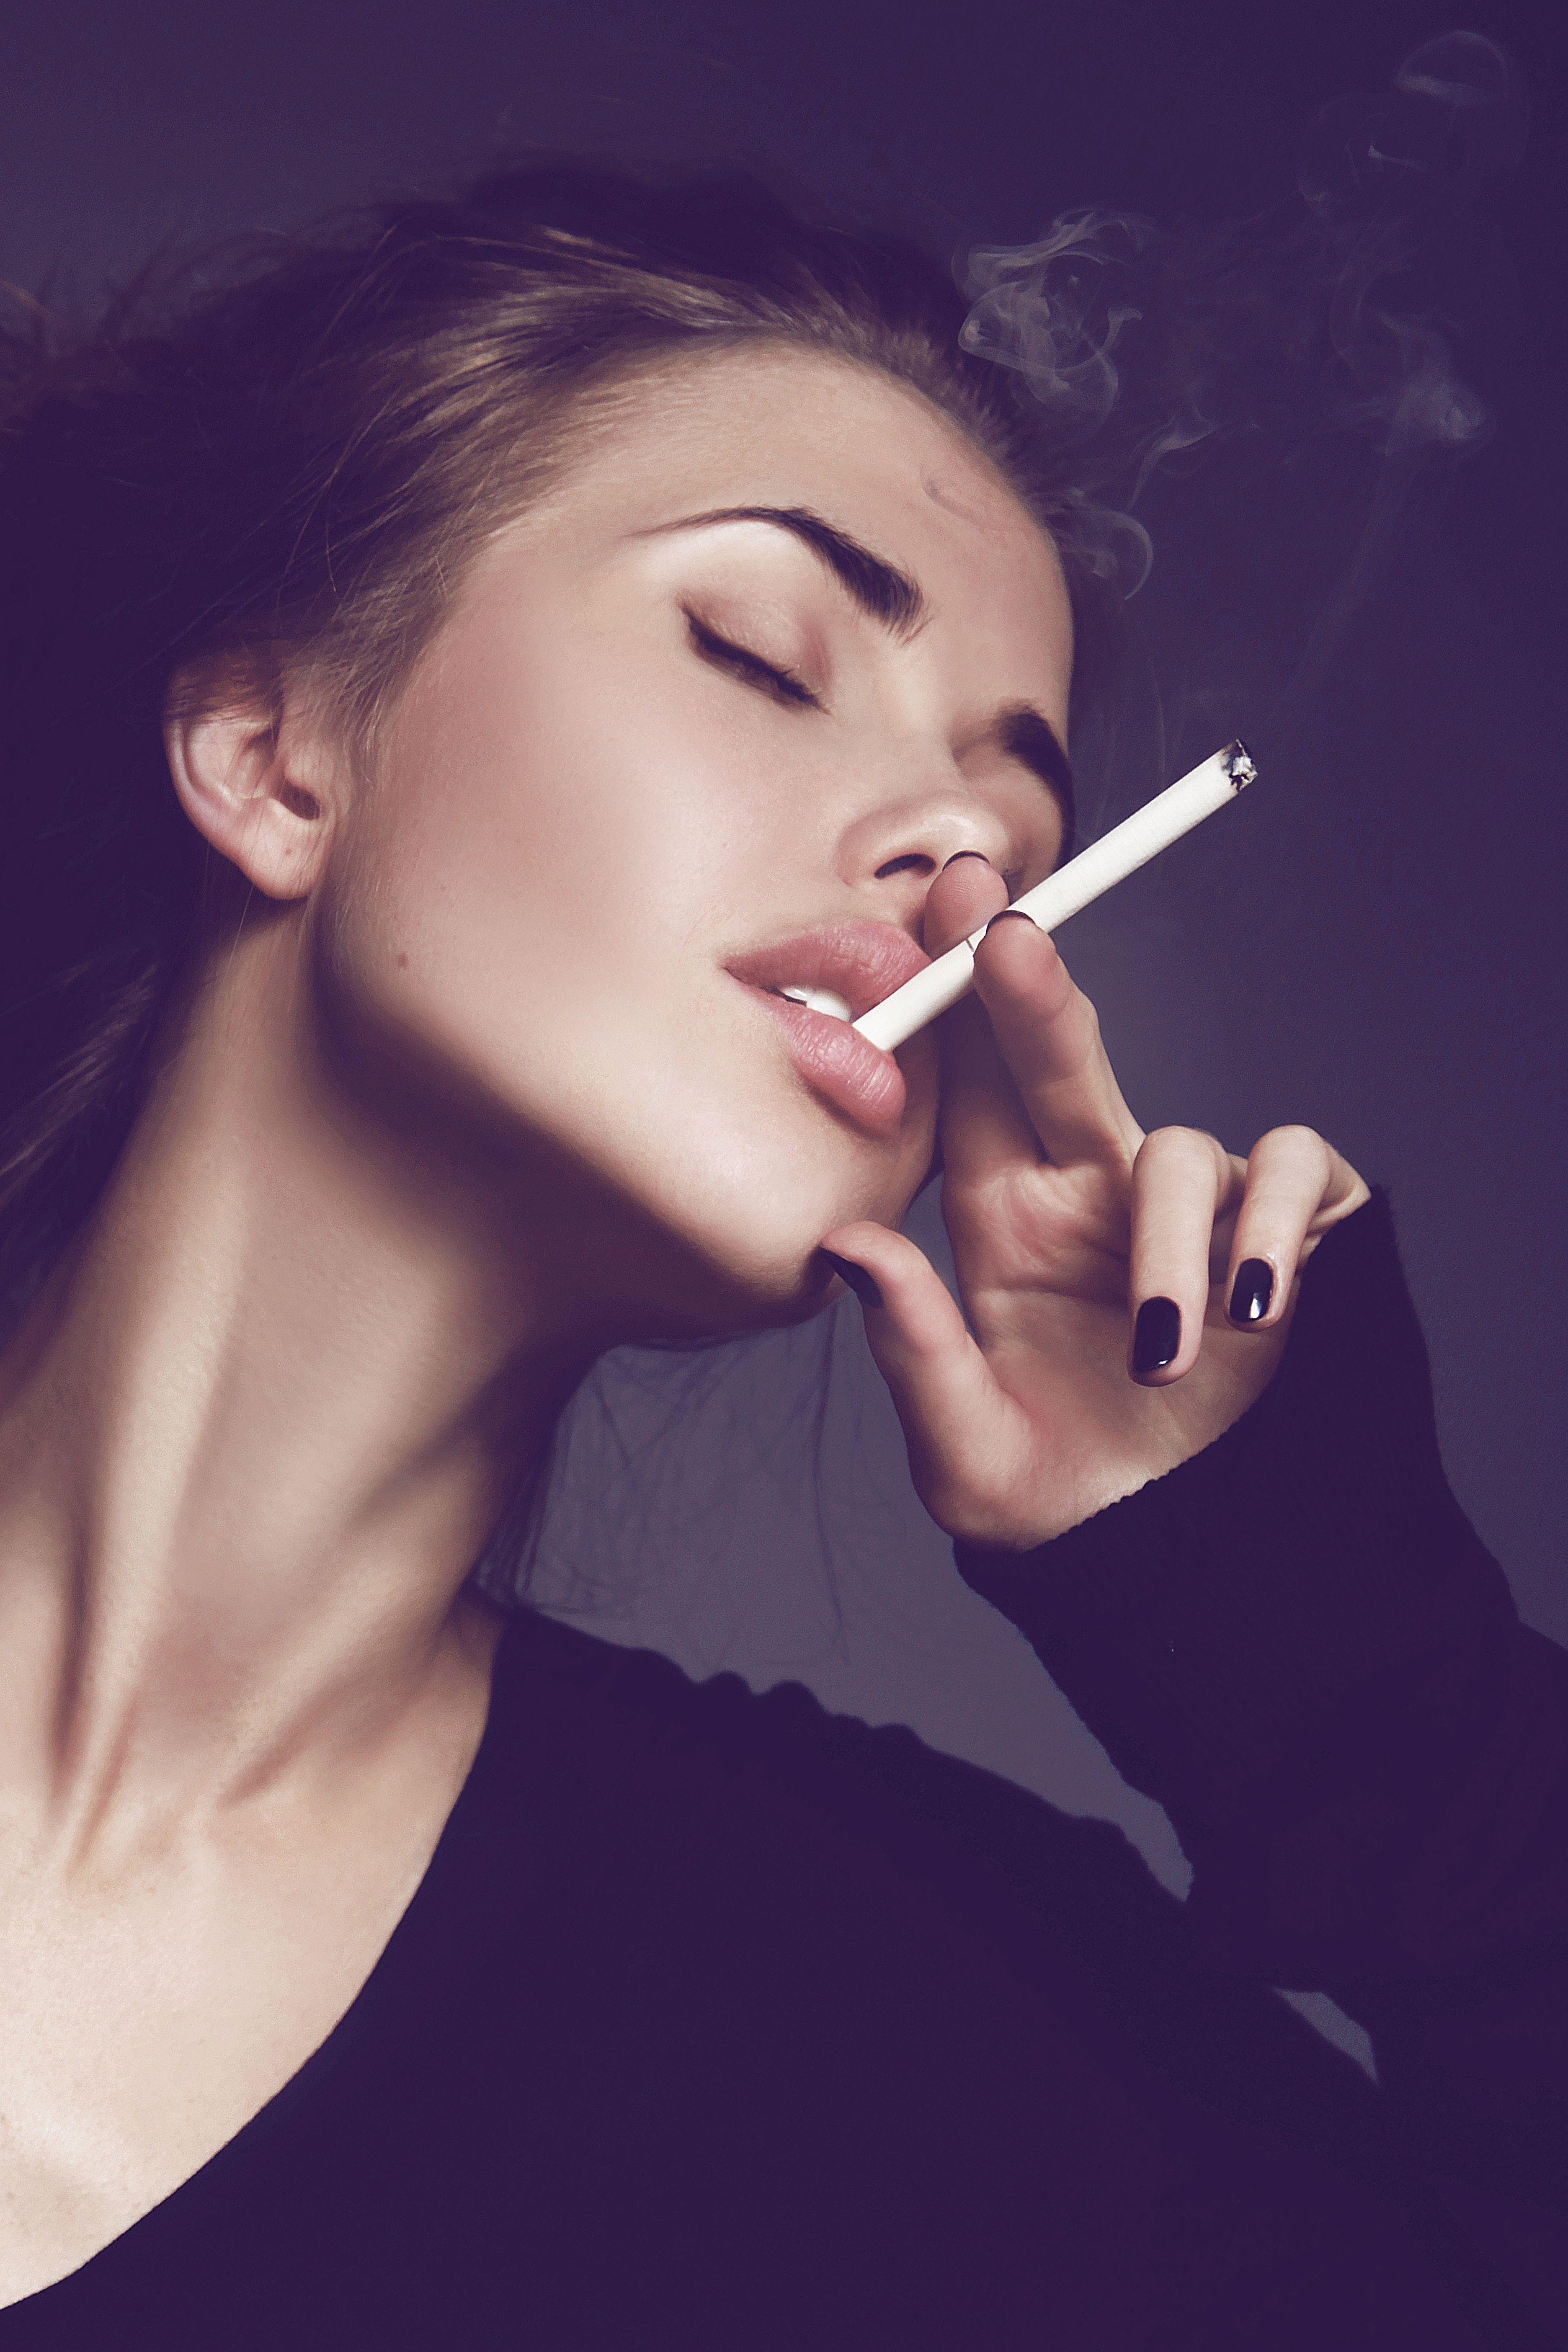 Message smoking board fetish : Smoking